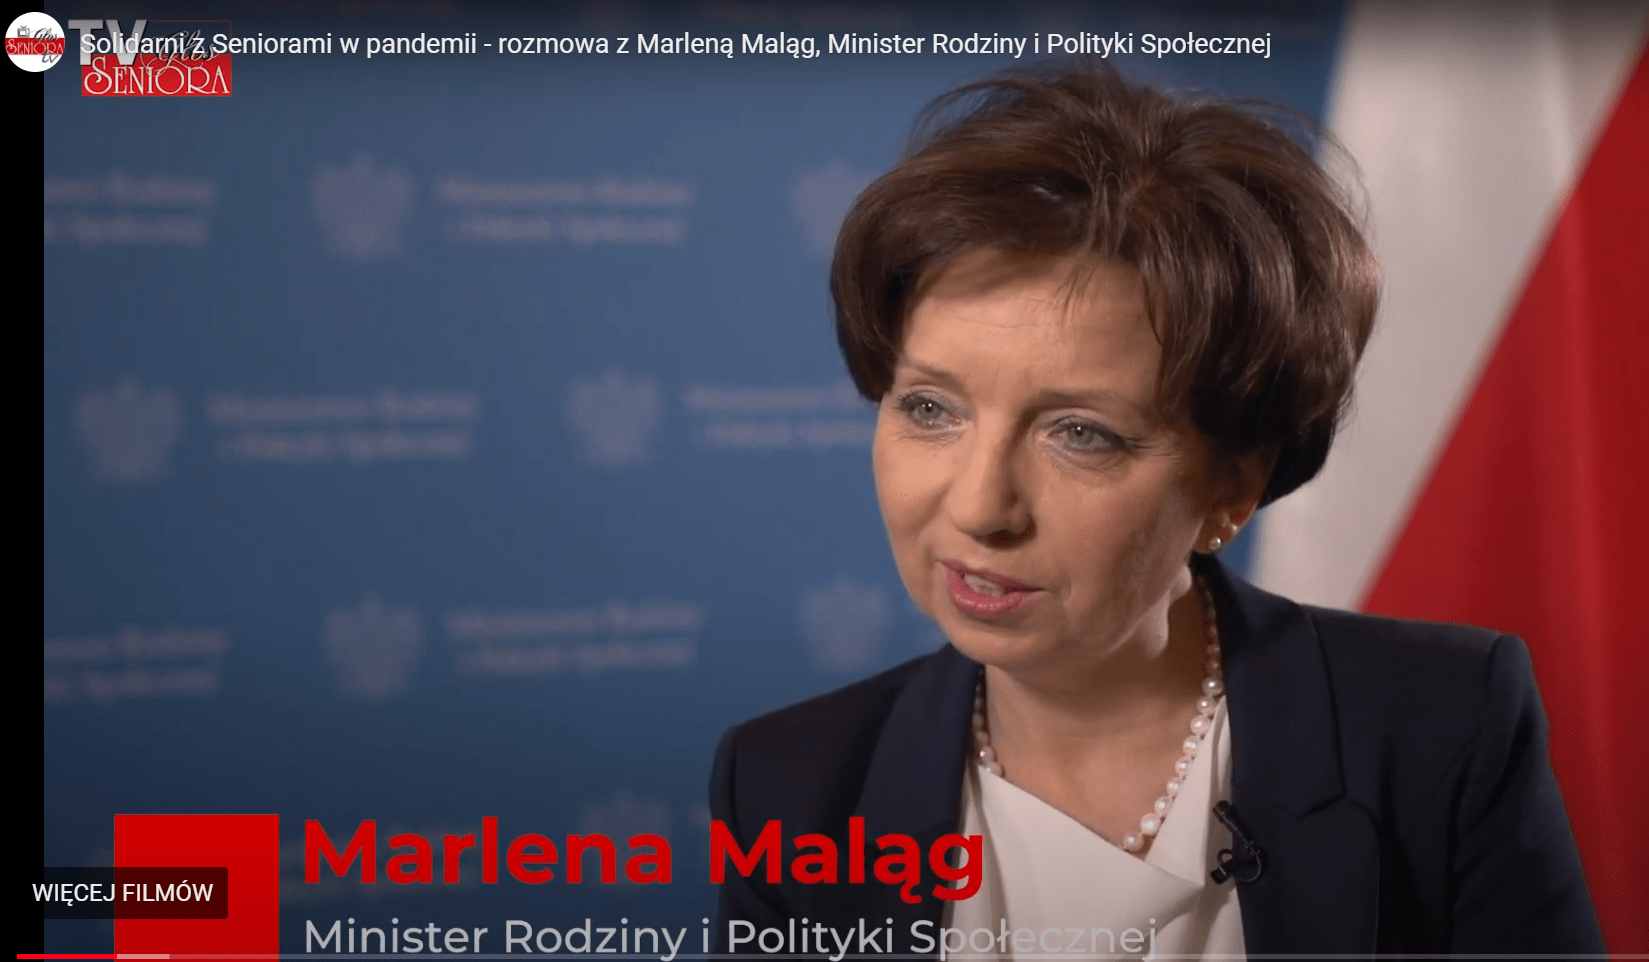 wywiad minister malag - Solidarni z Seniorami w pandemii